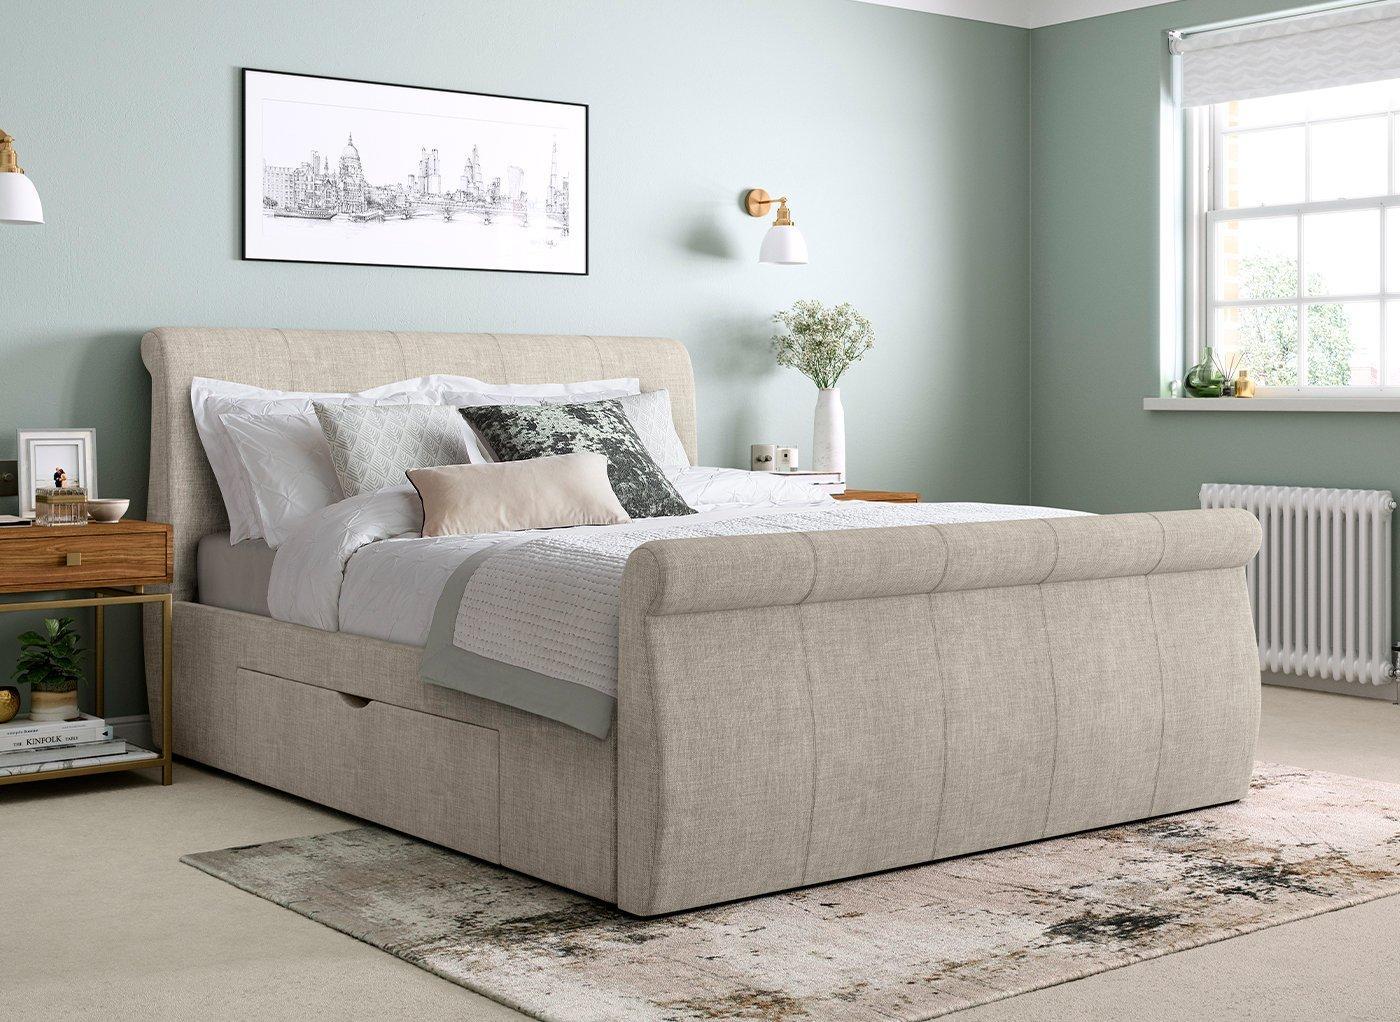 Beds Dreams